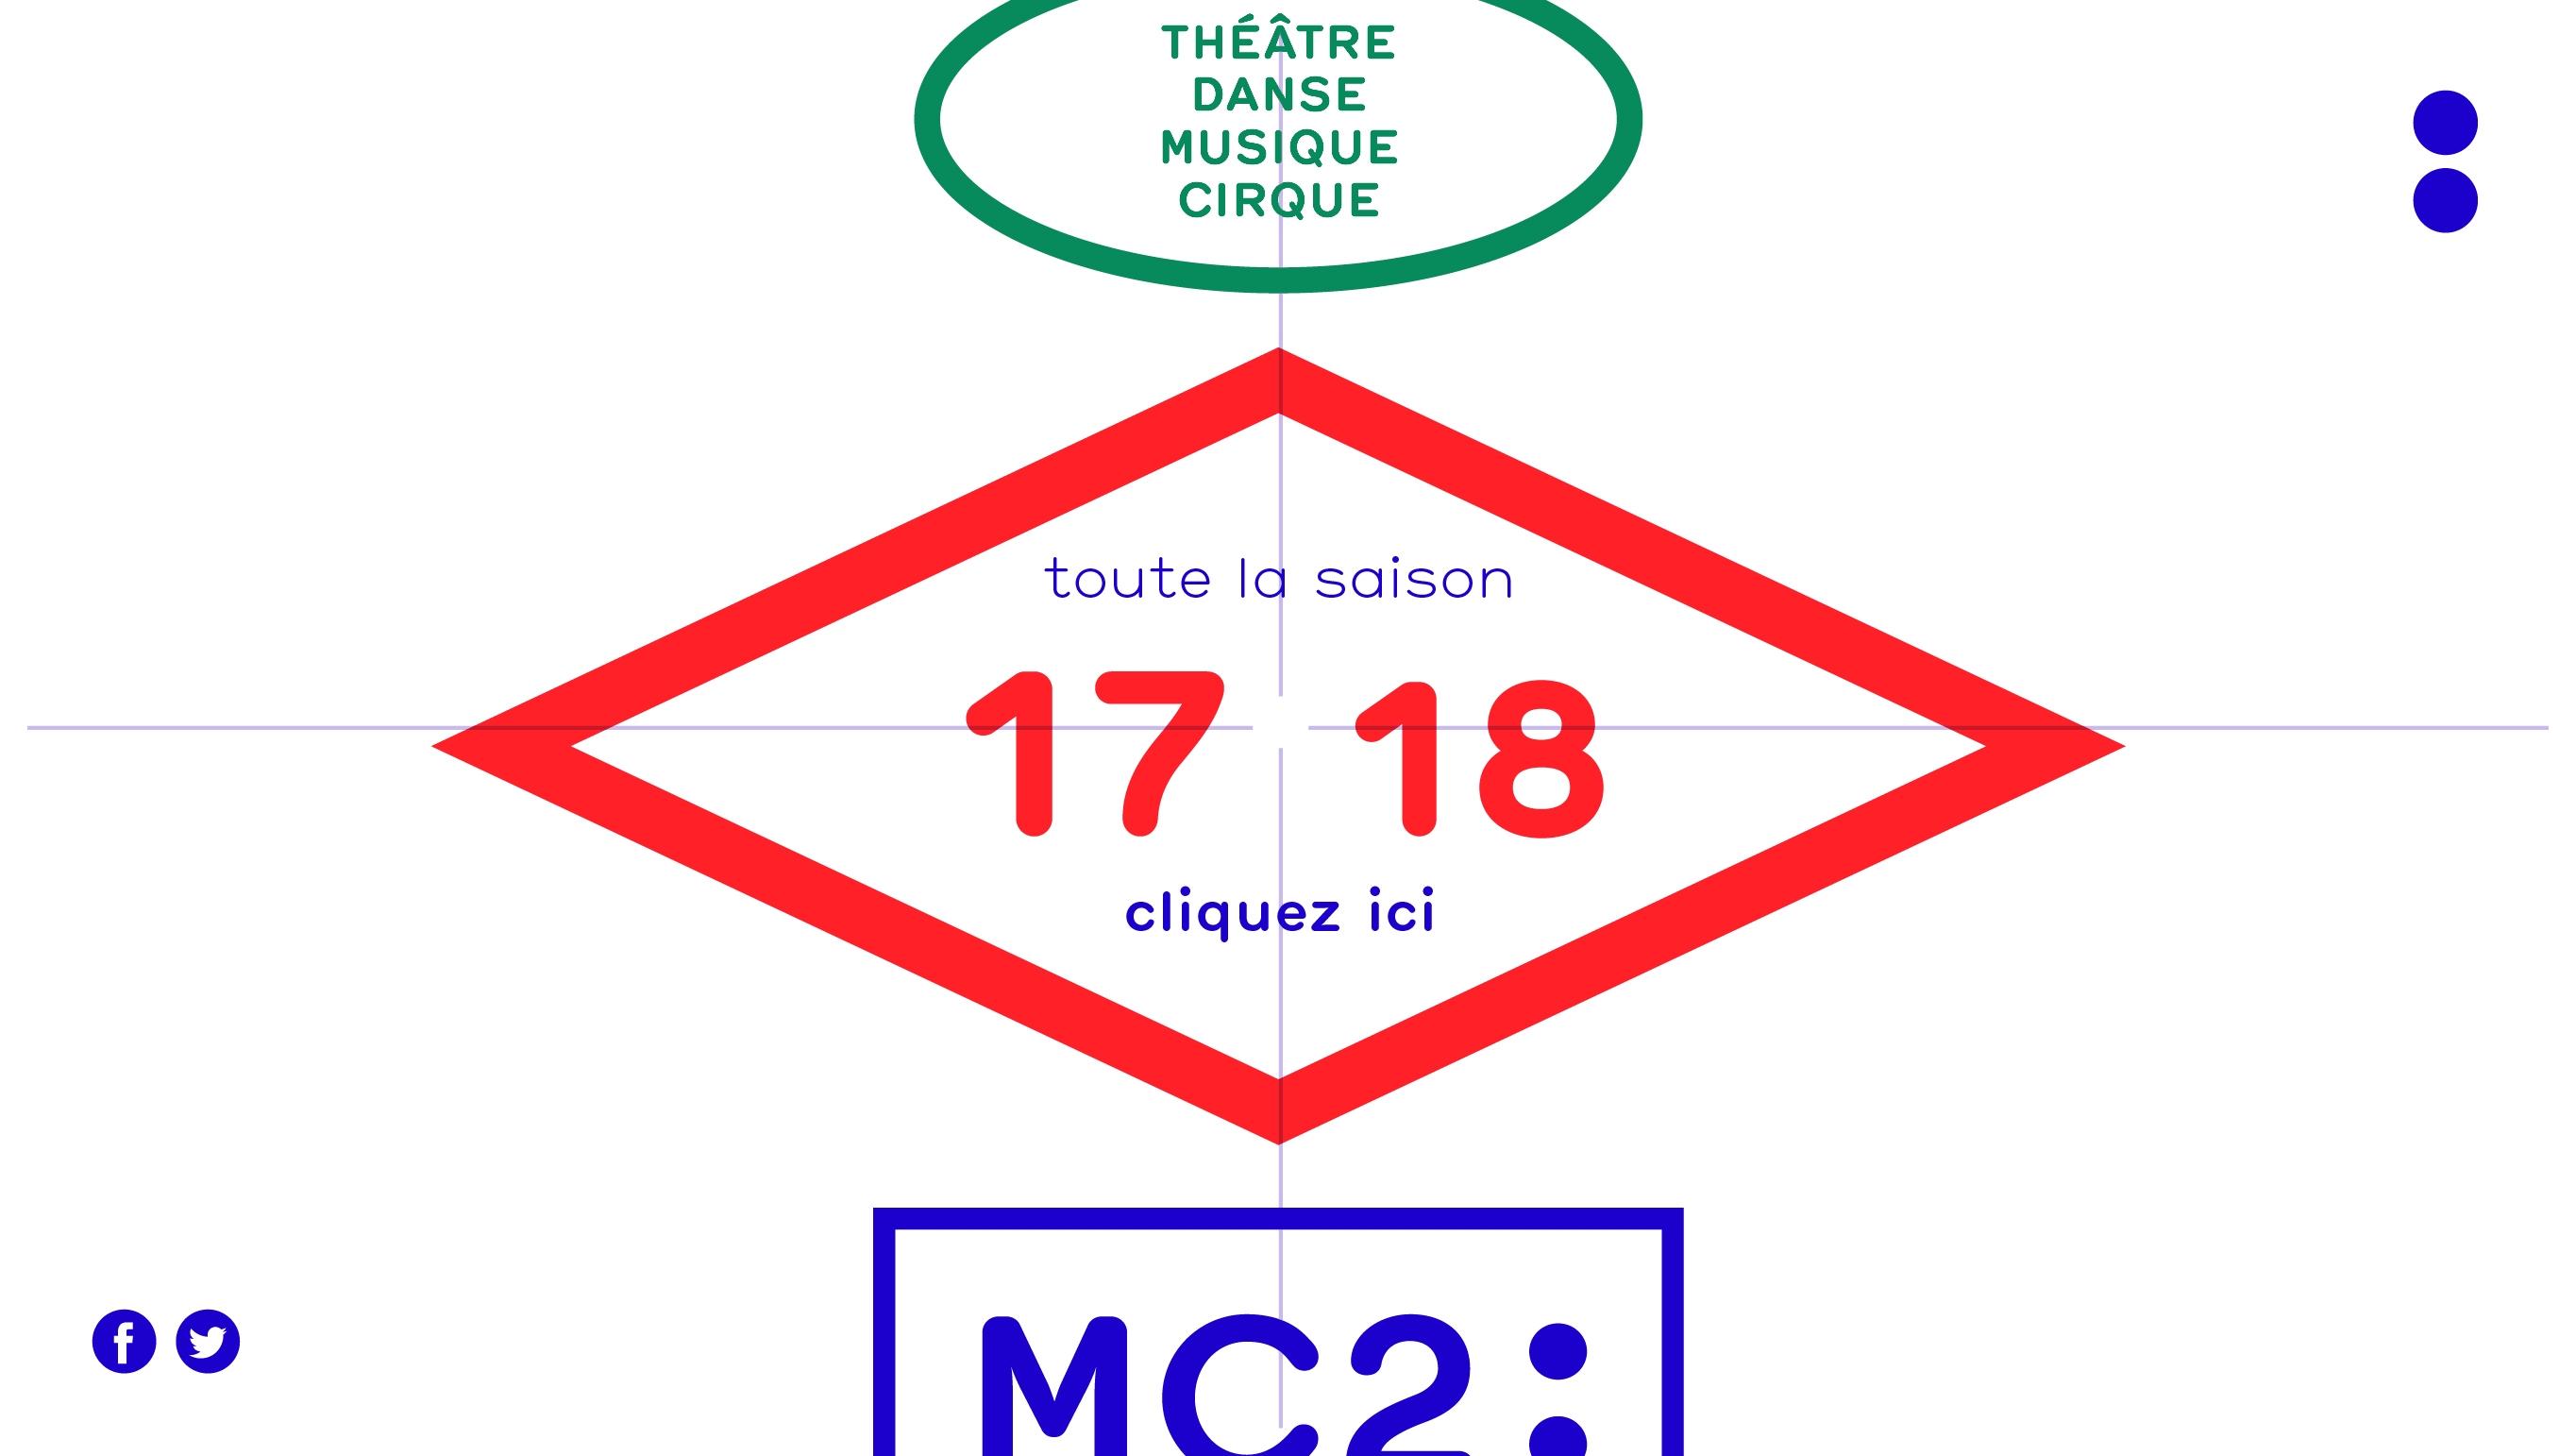 saison 17 18